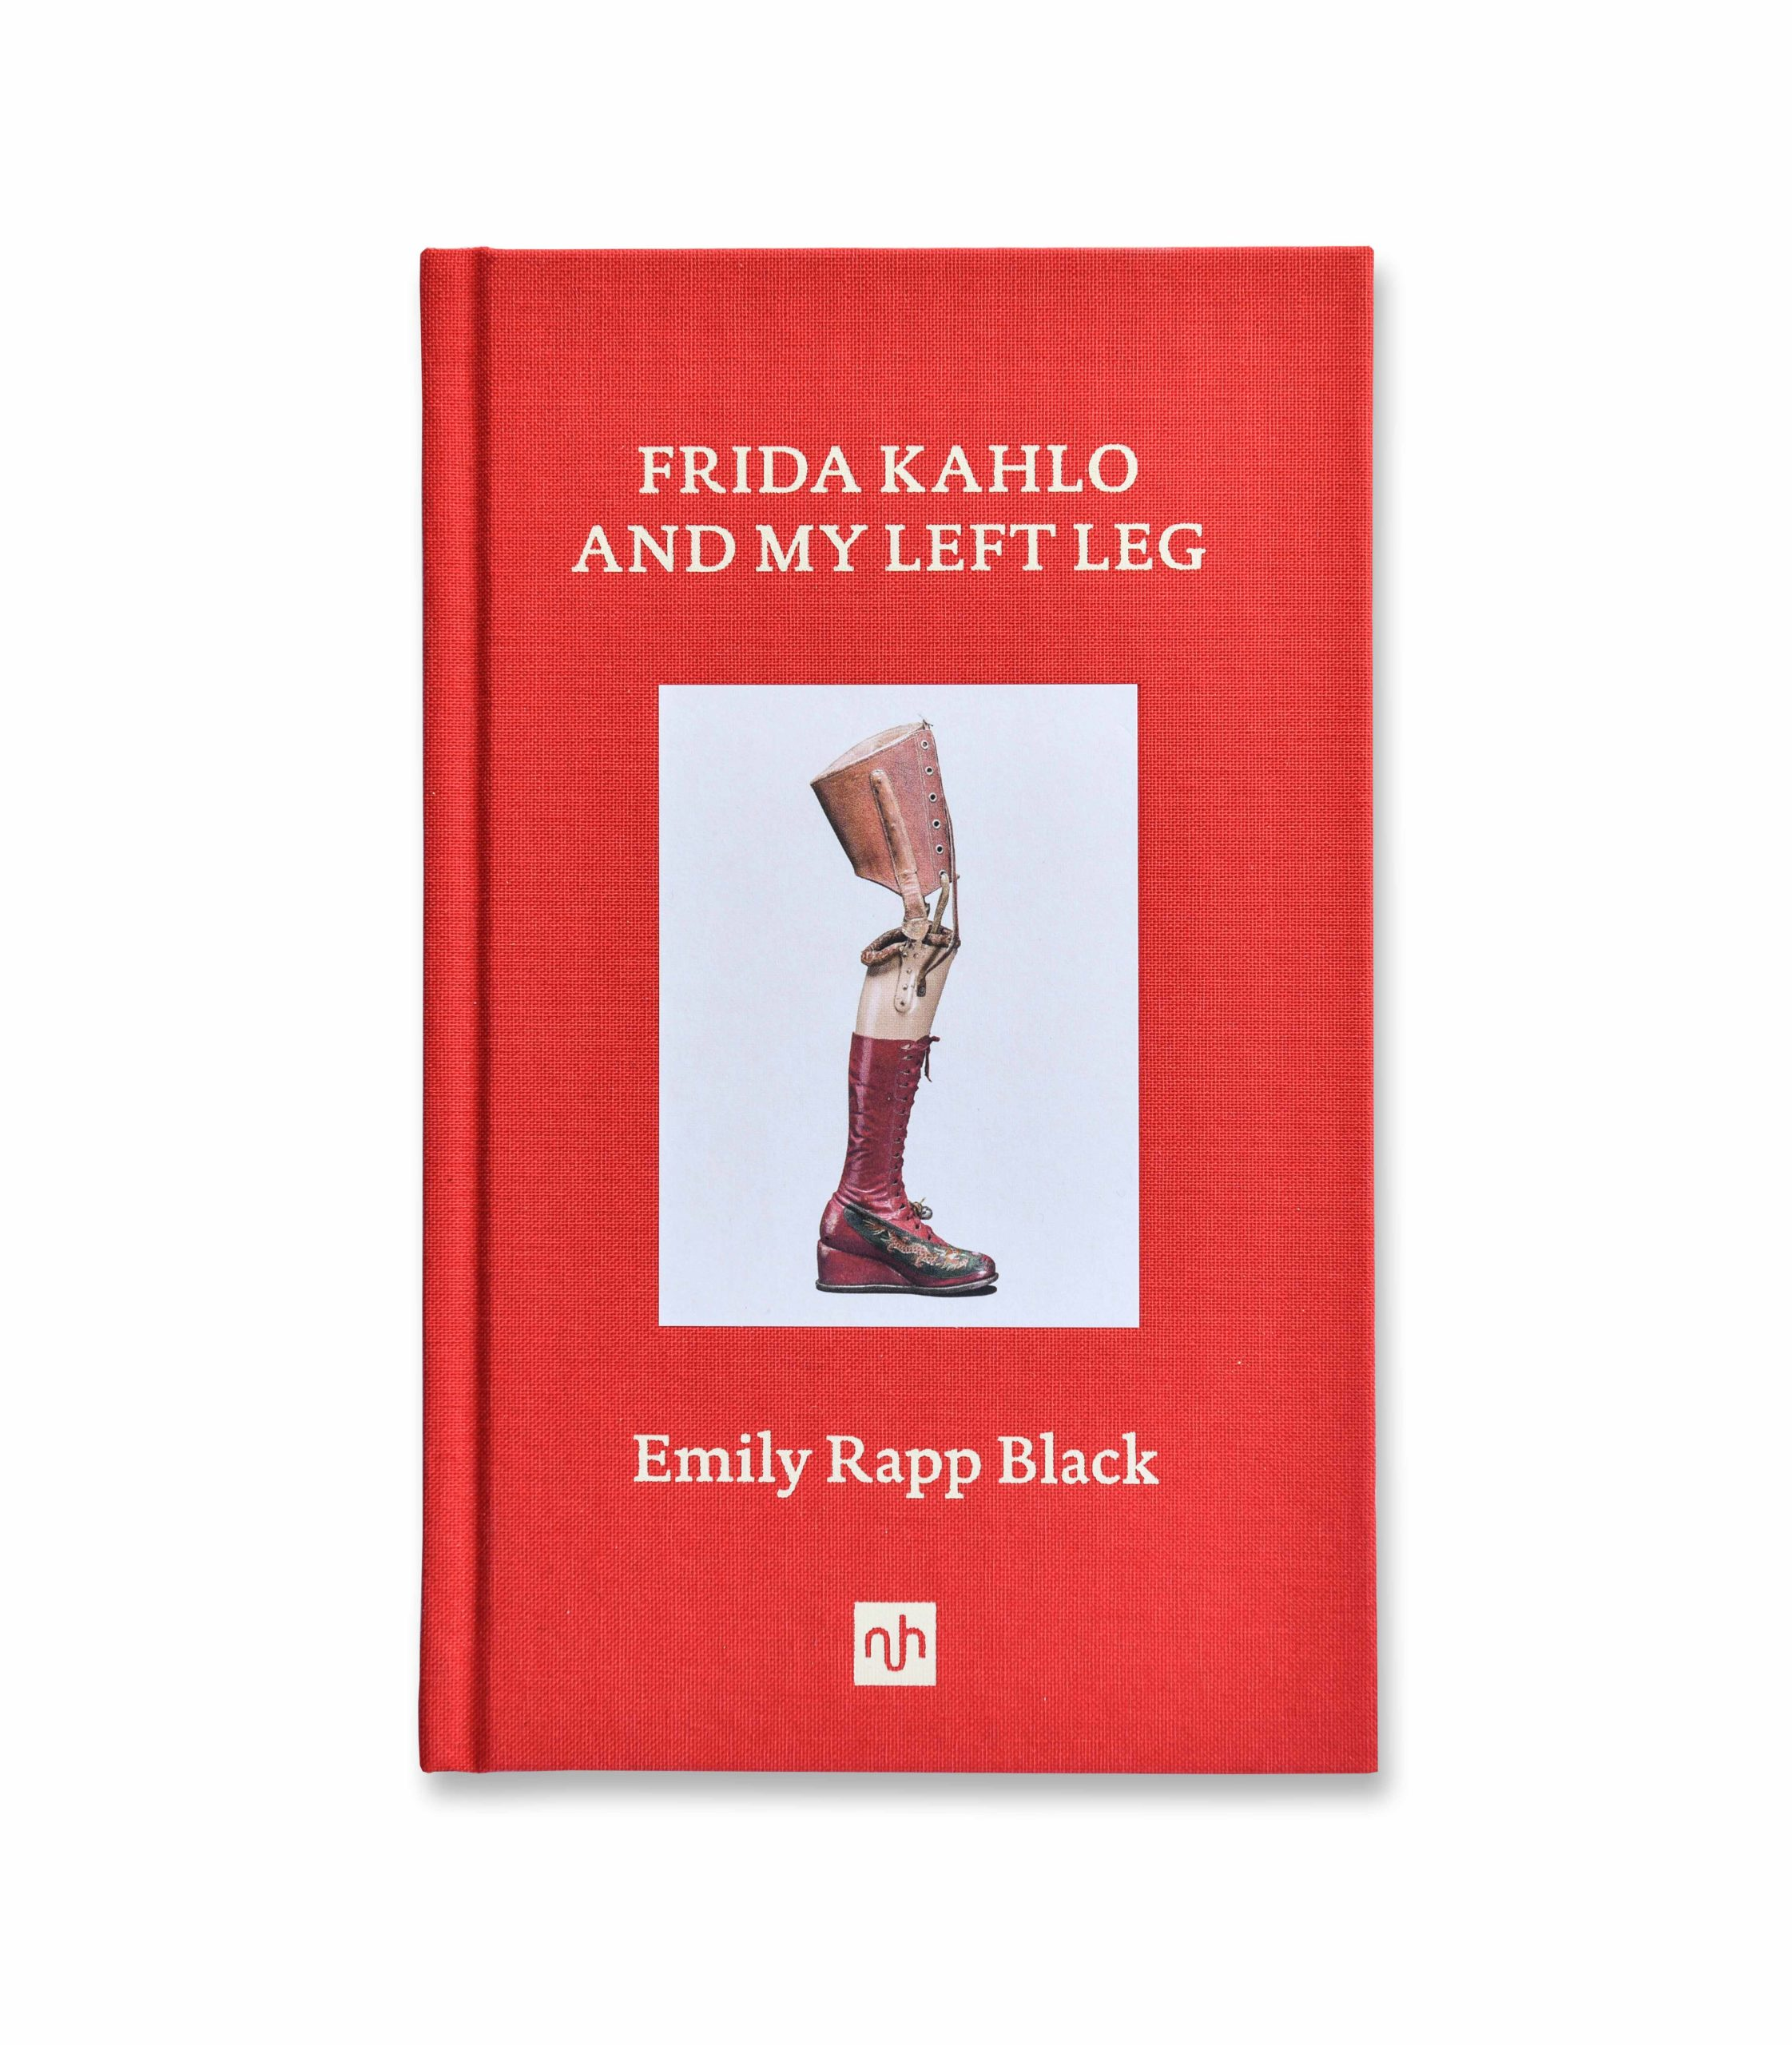 FKML-1-single-COVER-MR